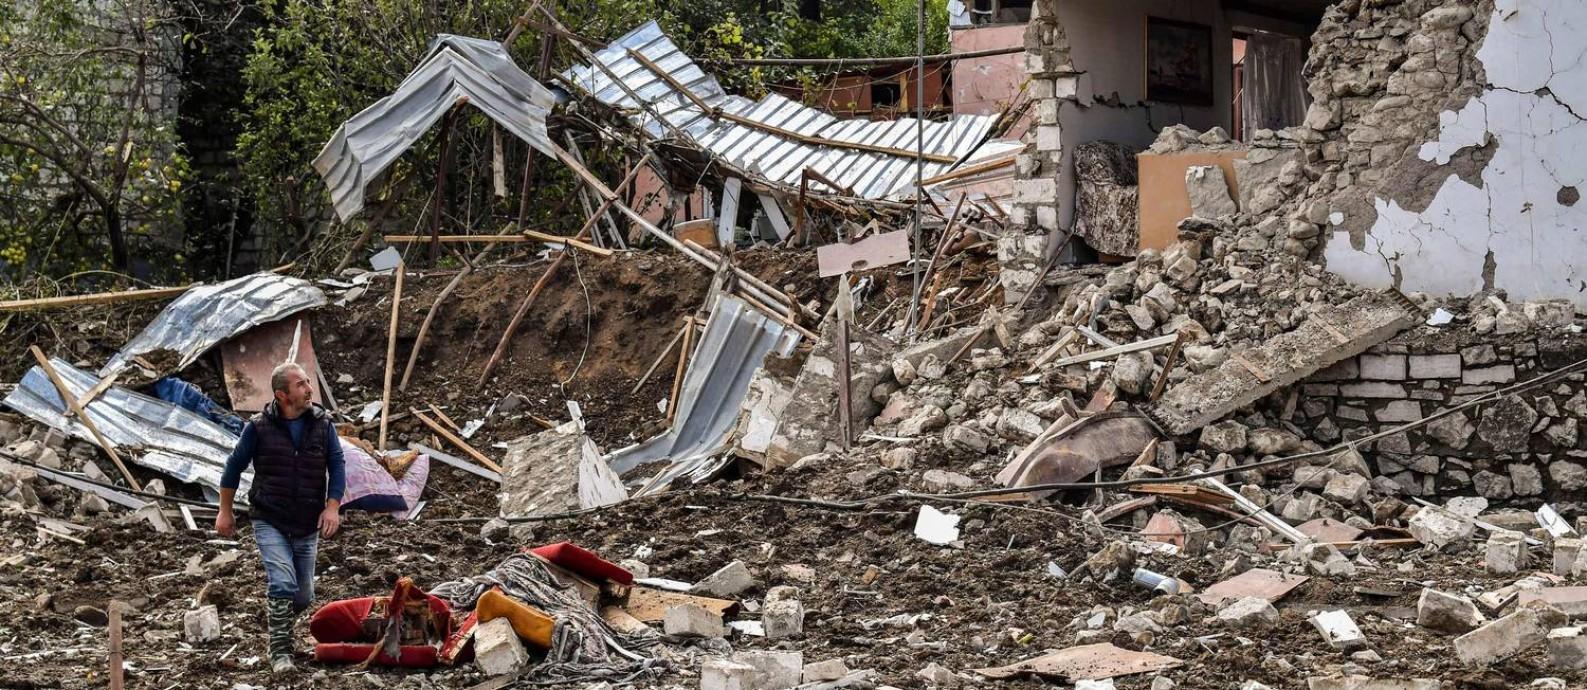 Homem caminha pelos destroços de um bombardeio em Stepanakert, principal cidade separatista da região de Nagorno-Karabakh Foto: ARIS MESSINIS / AFP/08-10-2020